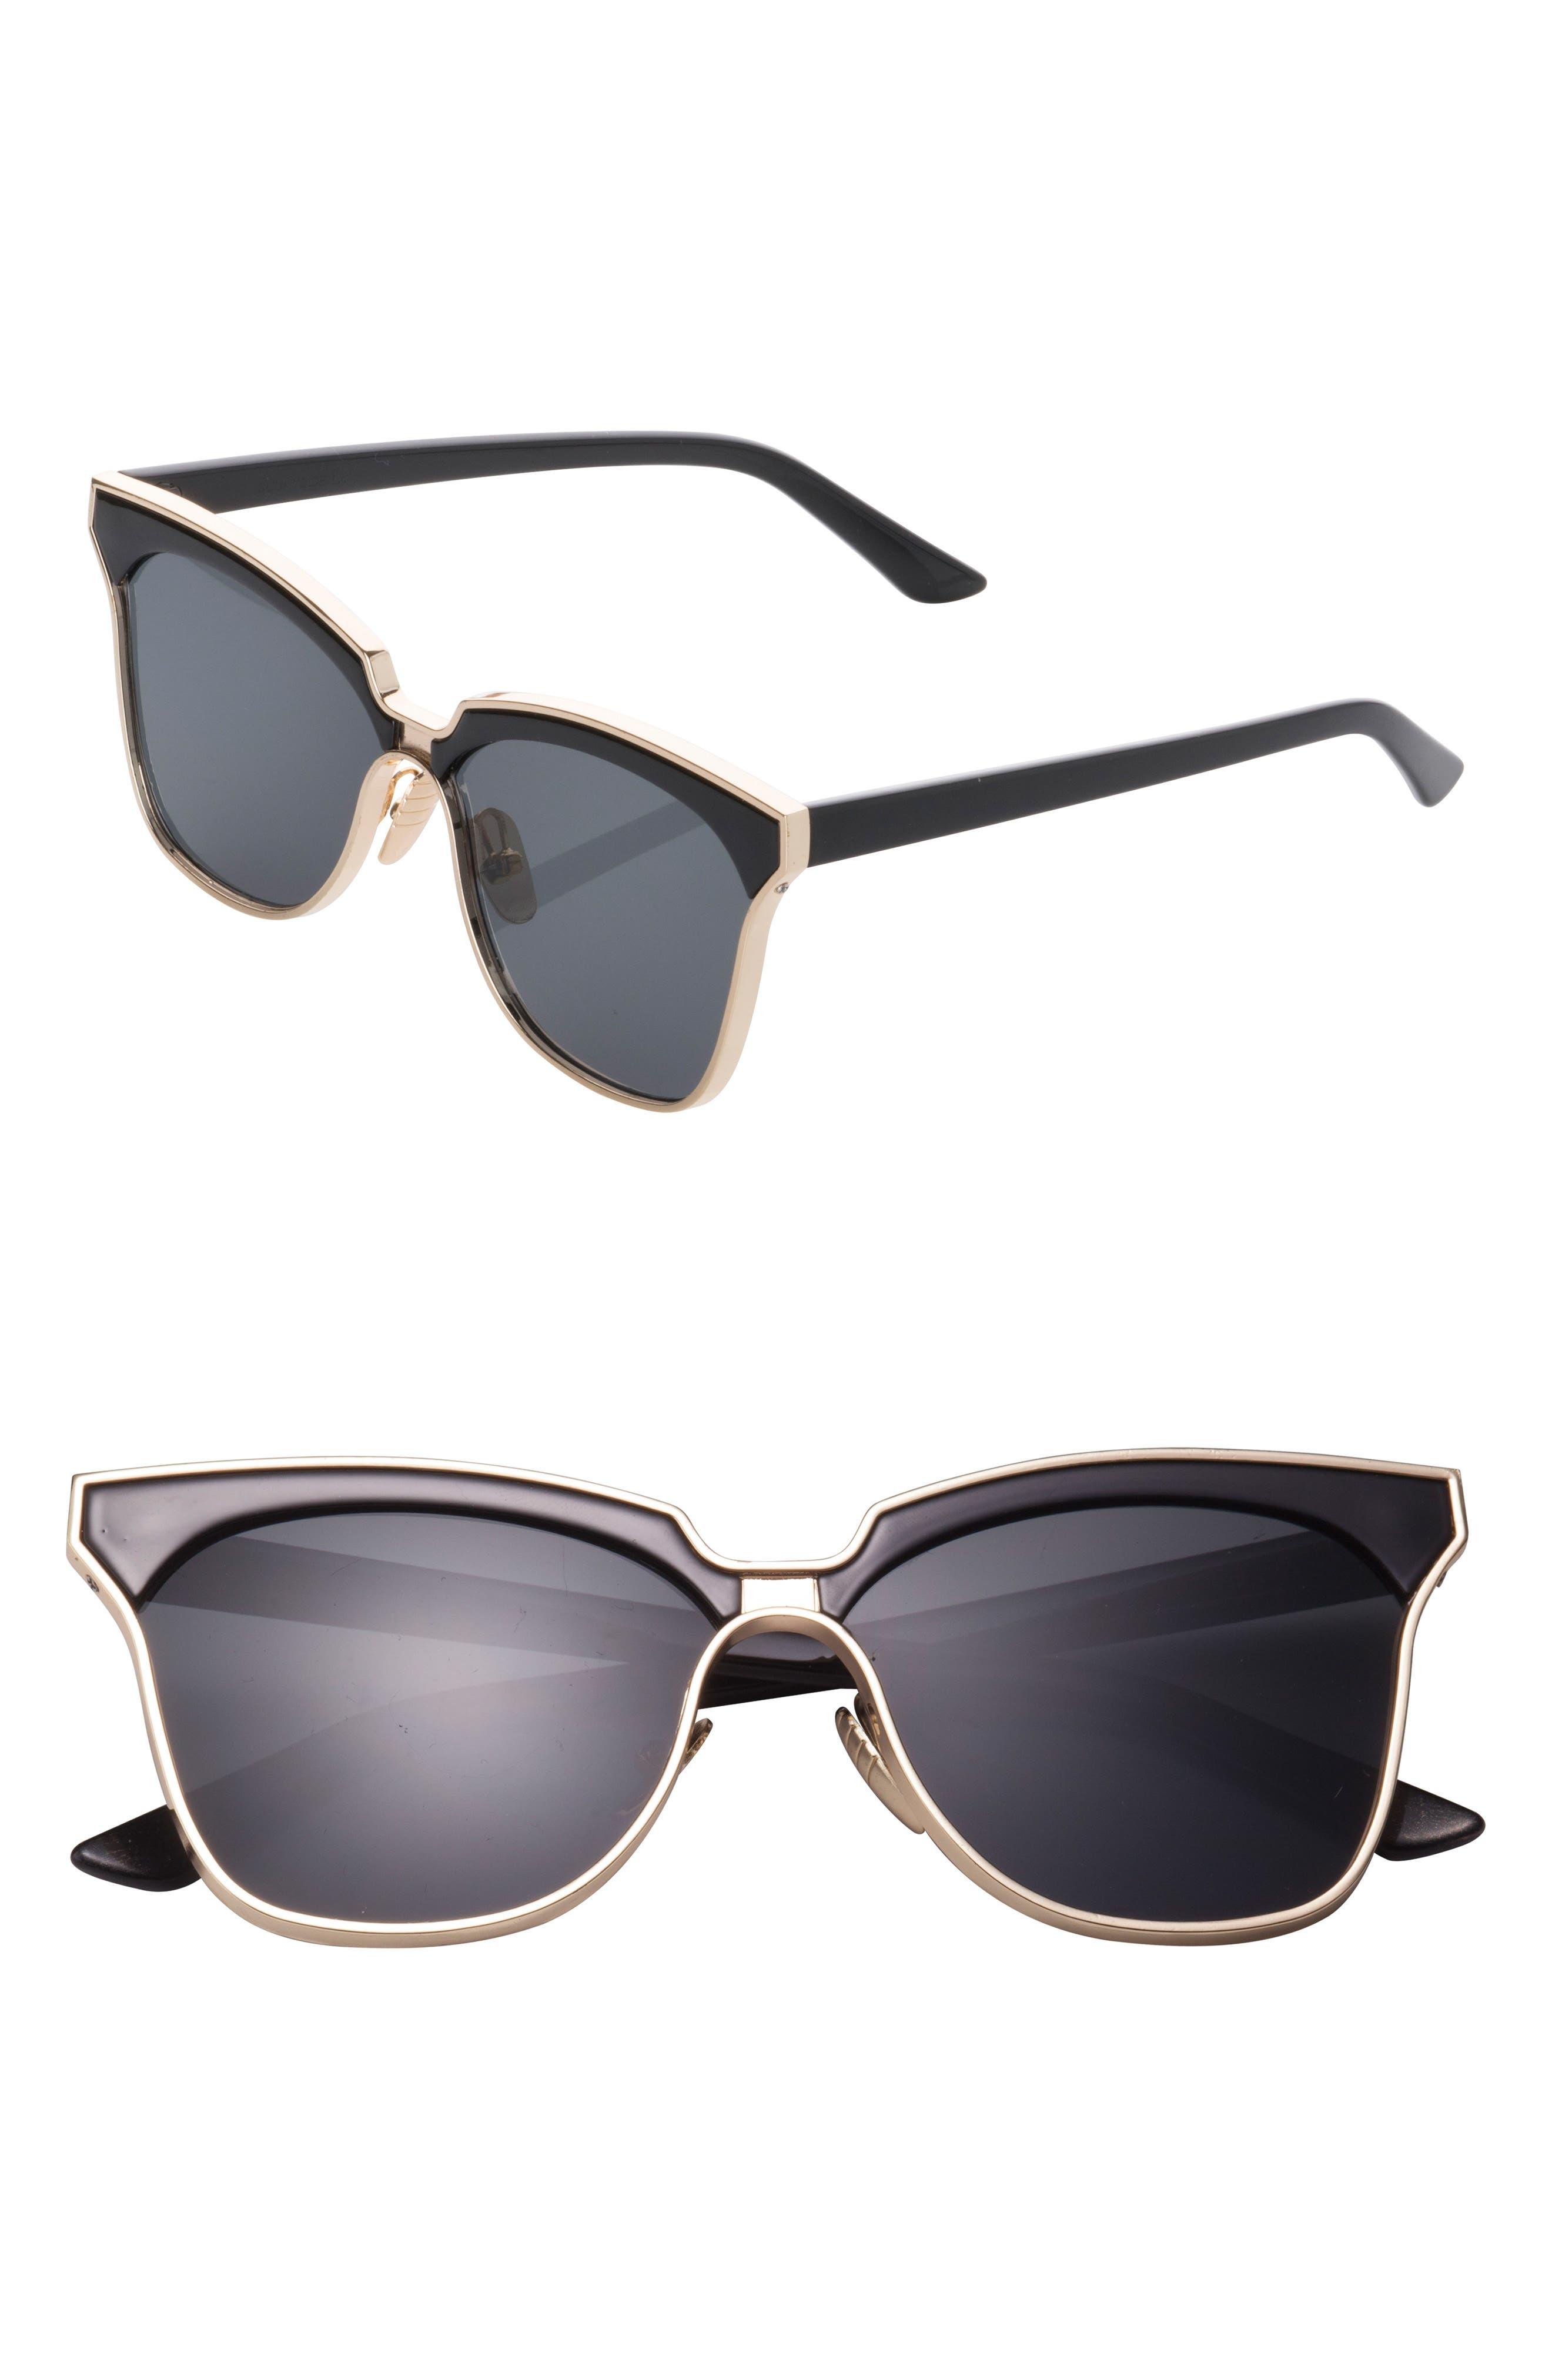 61mm Angular Sunglasses,                             Main thumbnail 1, color,                             001